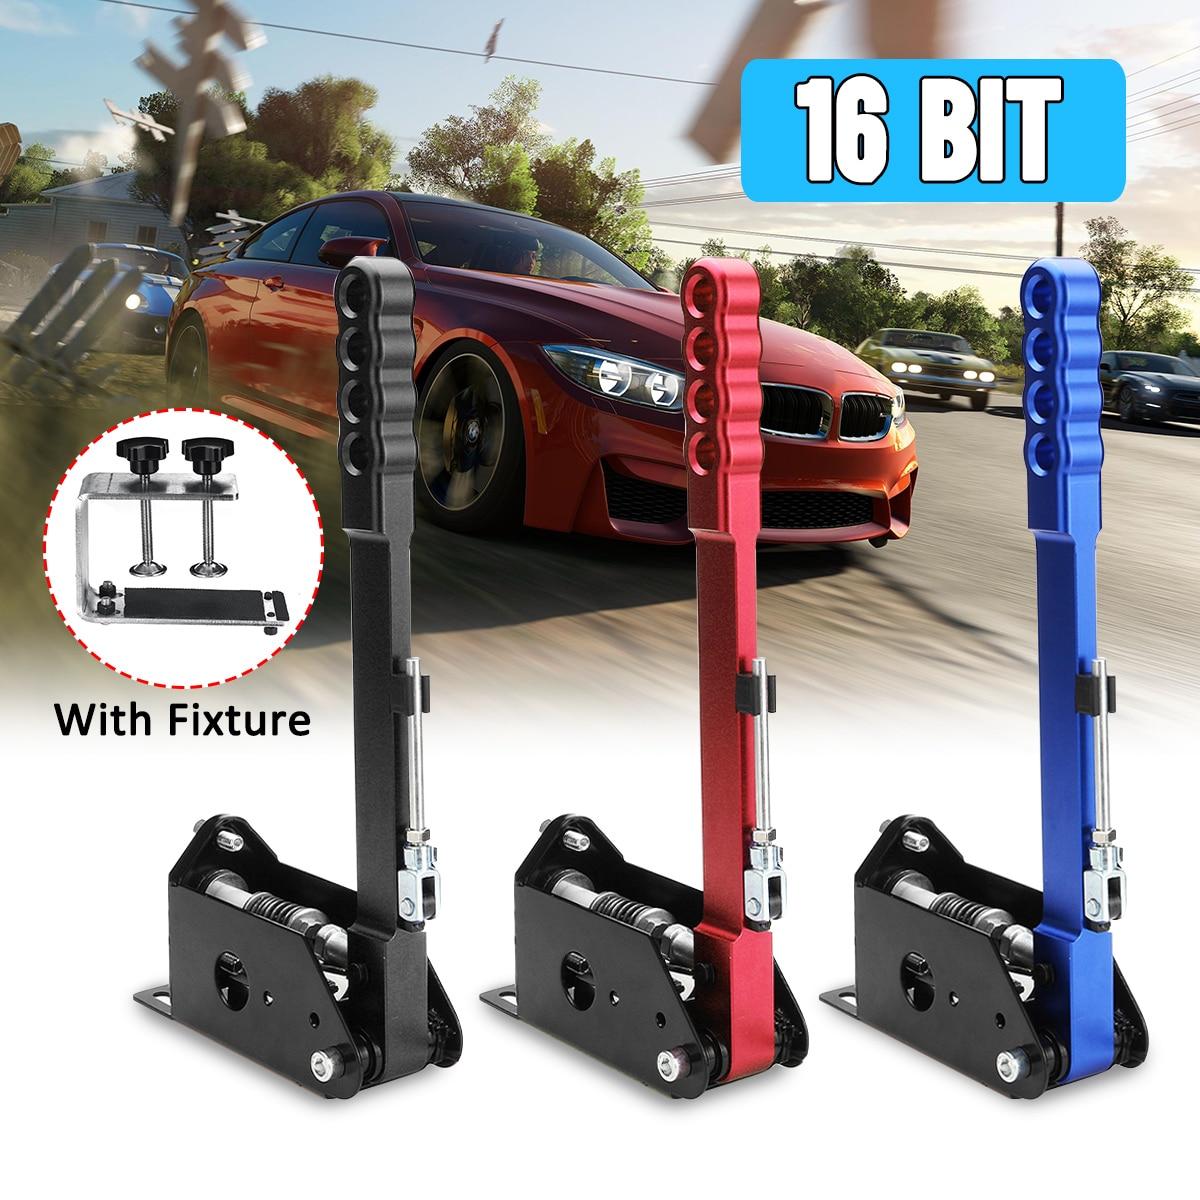 3 colore Universal-16Bit Sensore di Hall USB Freno A Mano Drift di Controllo del Sensore Regolabile in Altezza Morsetto per G25 G27 G29 T500 SPORCIZIA- RALLY